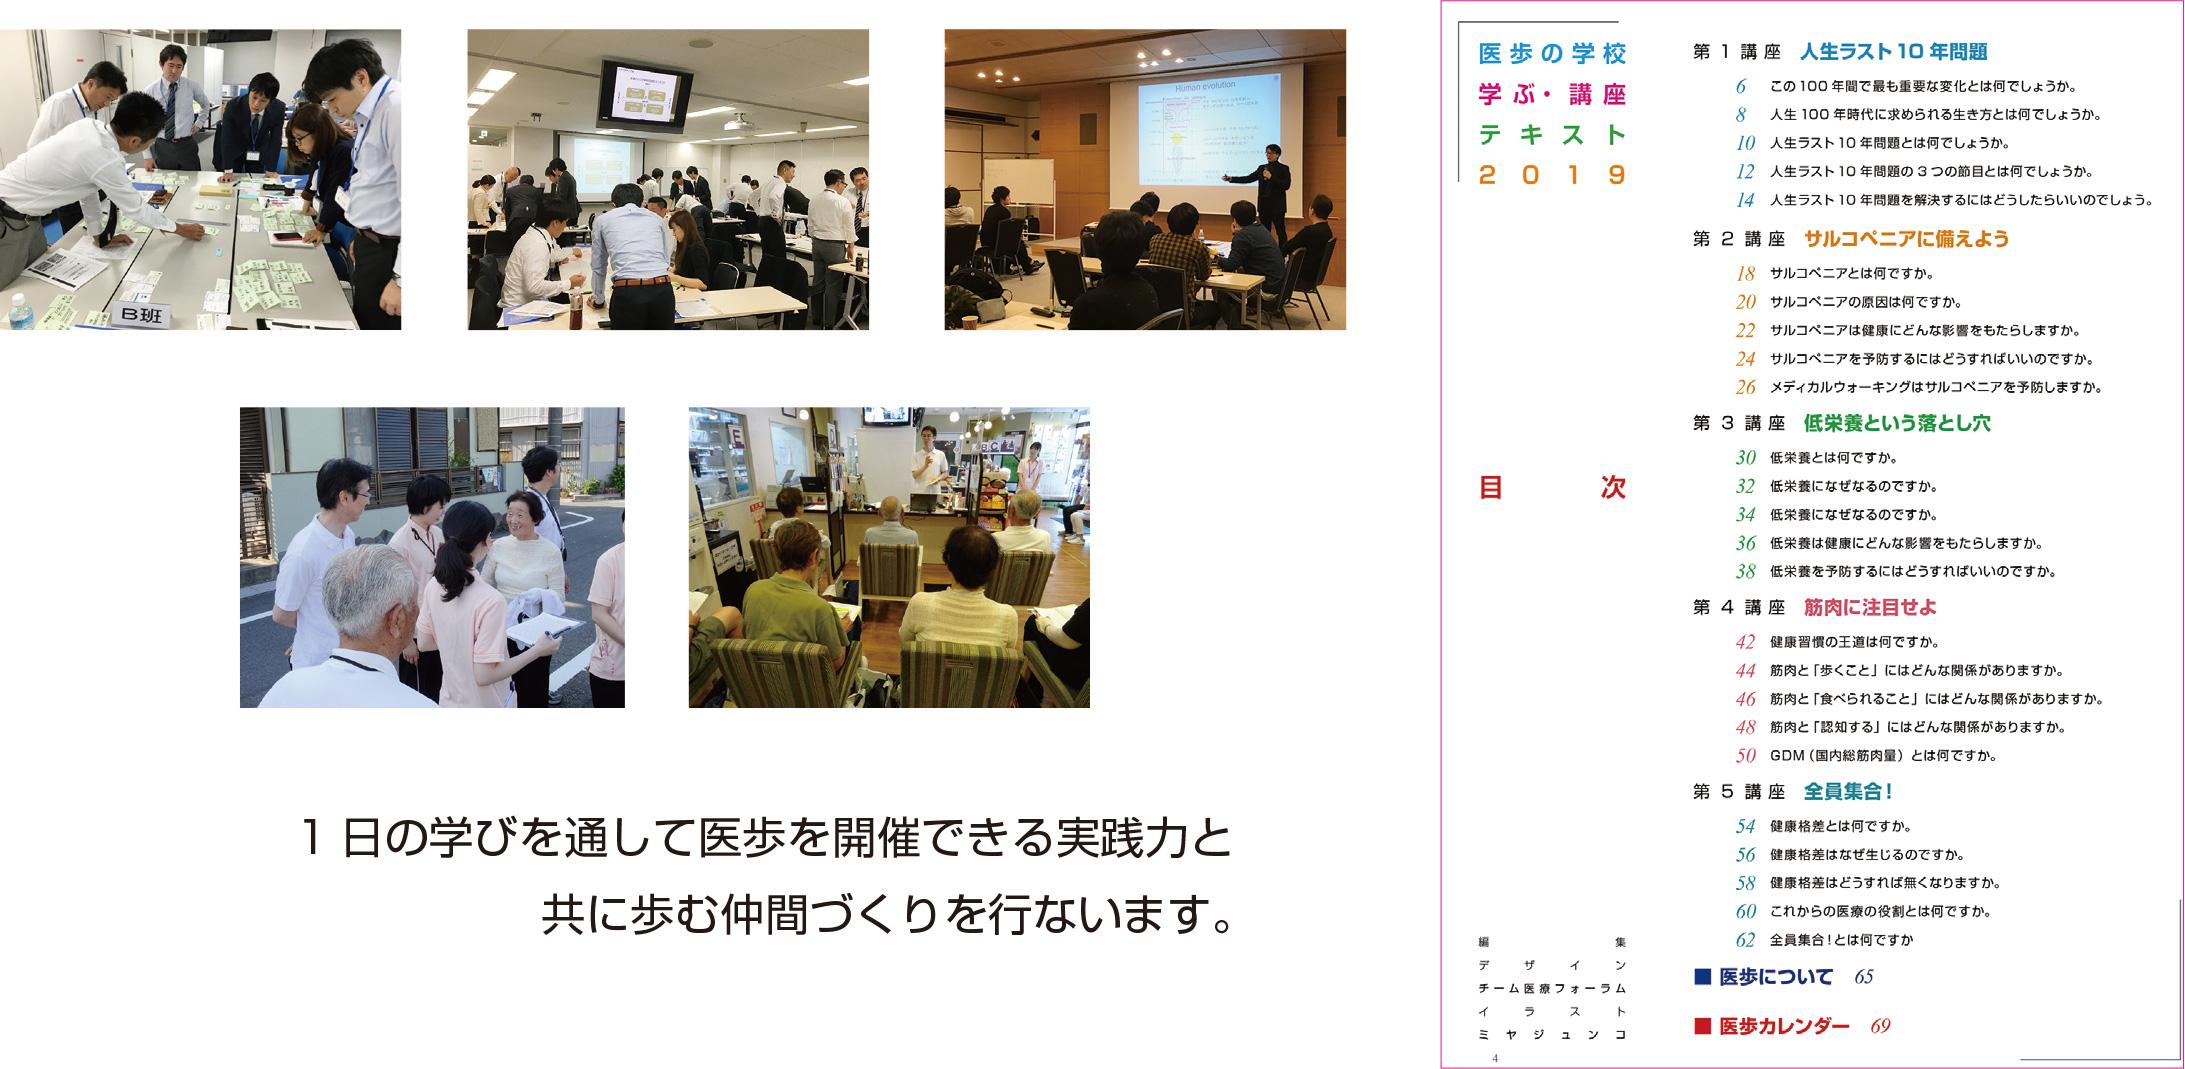 医歩の学校インスタラクター認定講座